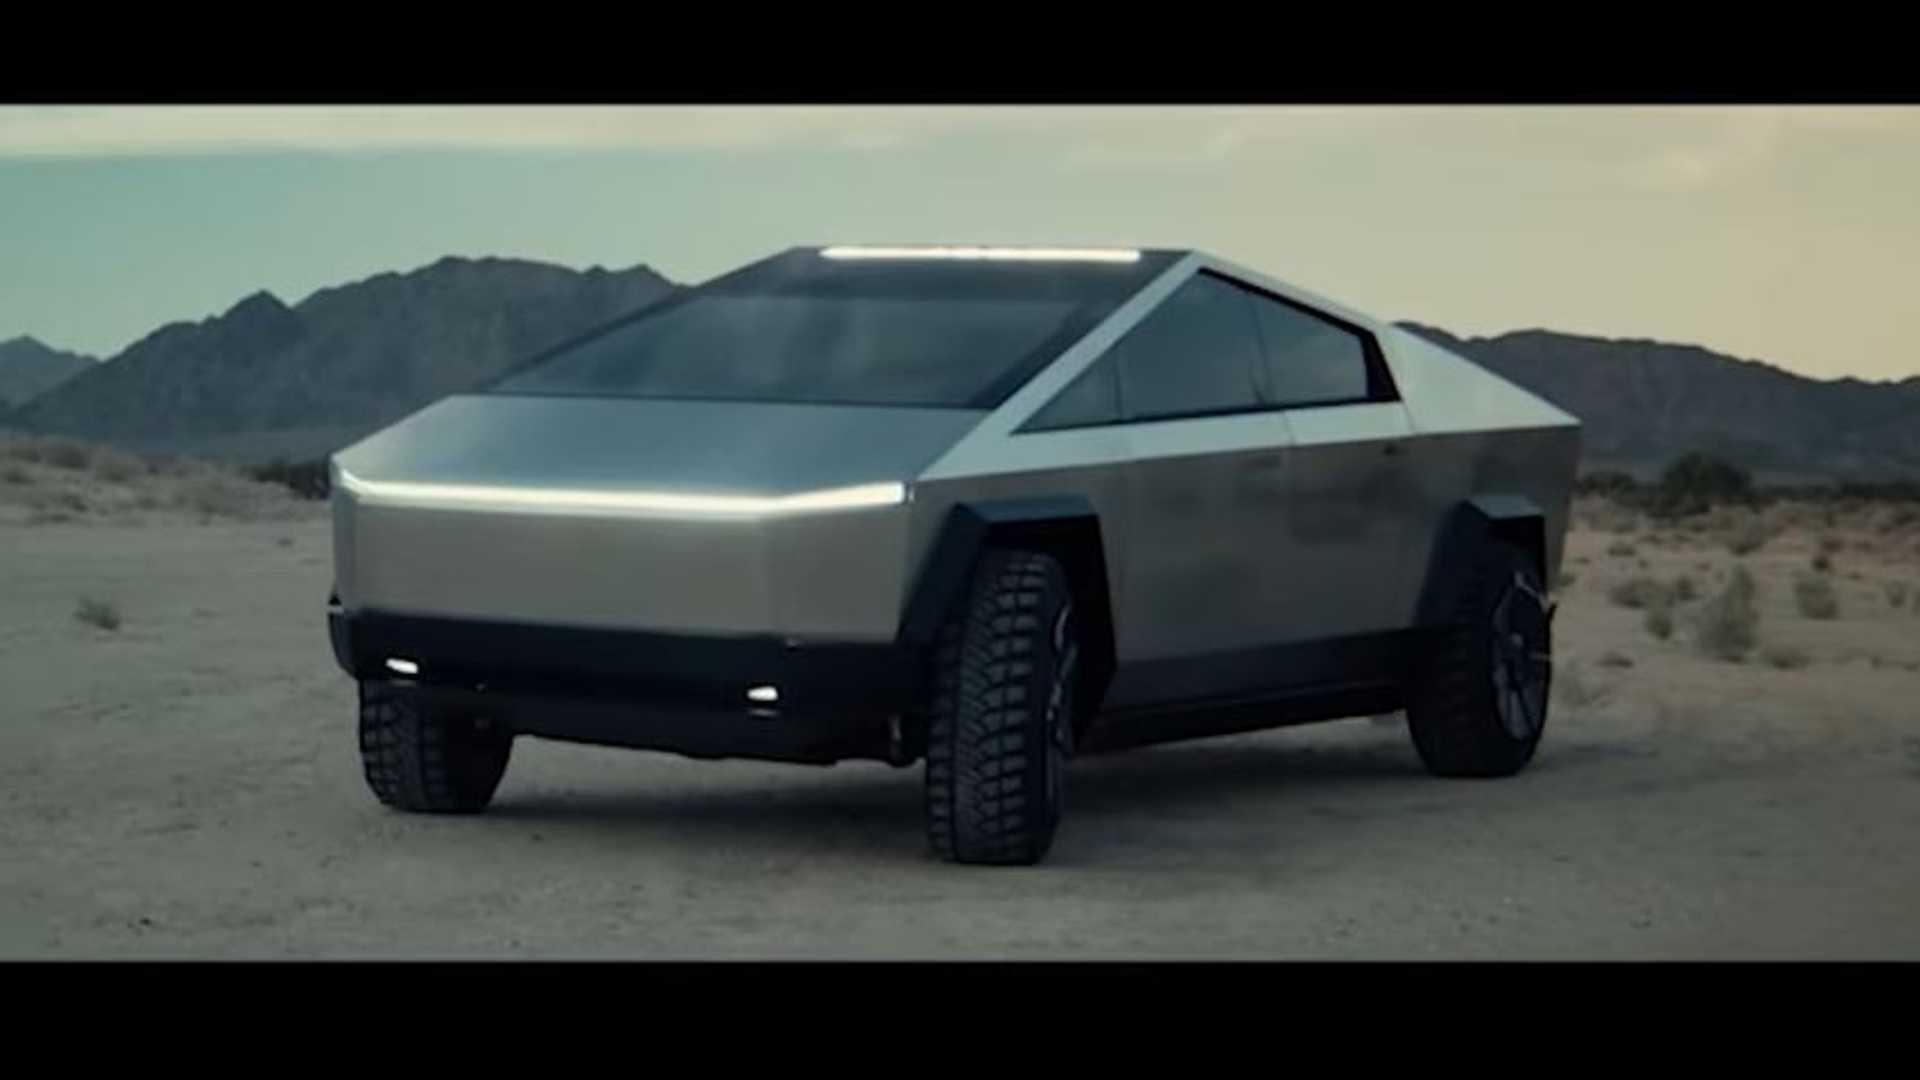 Tesla Cybertruck cover image